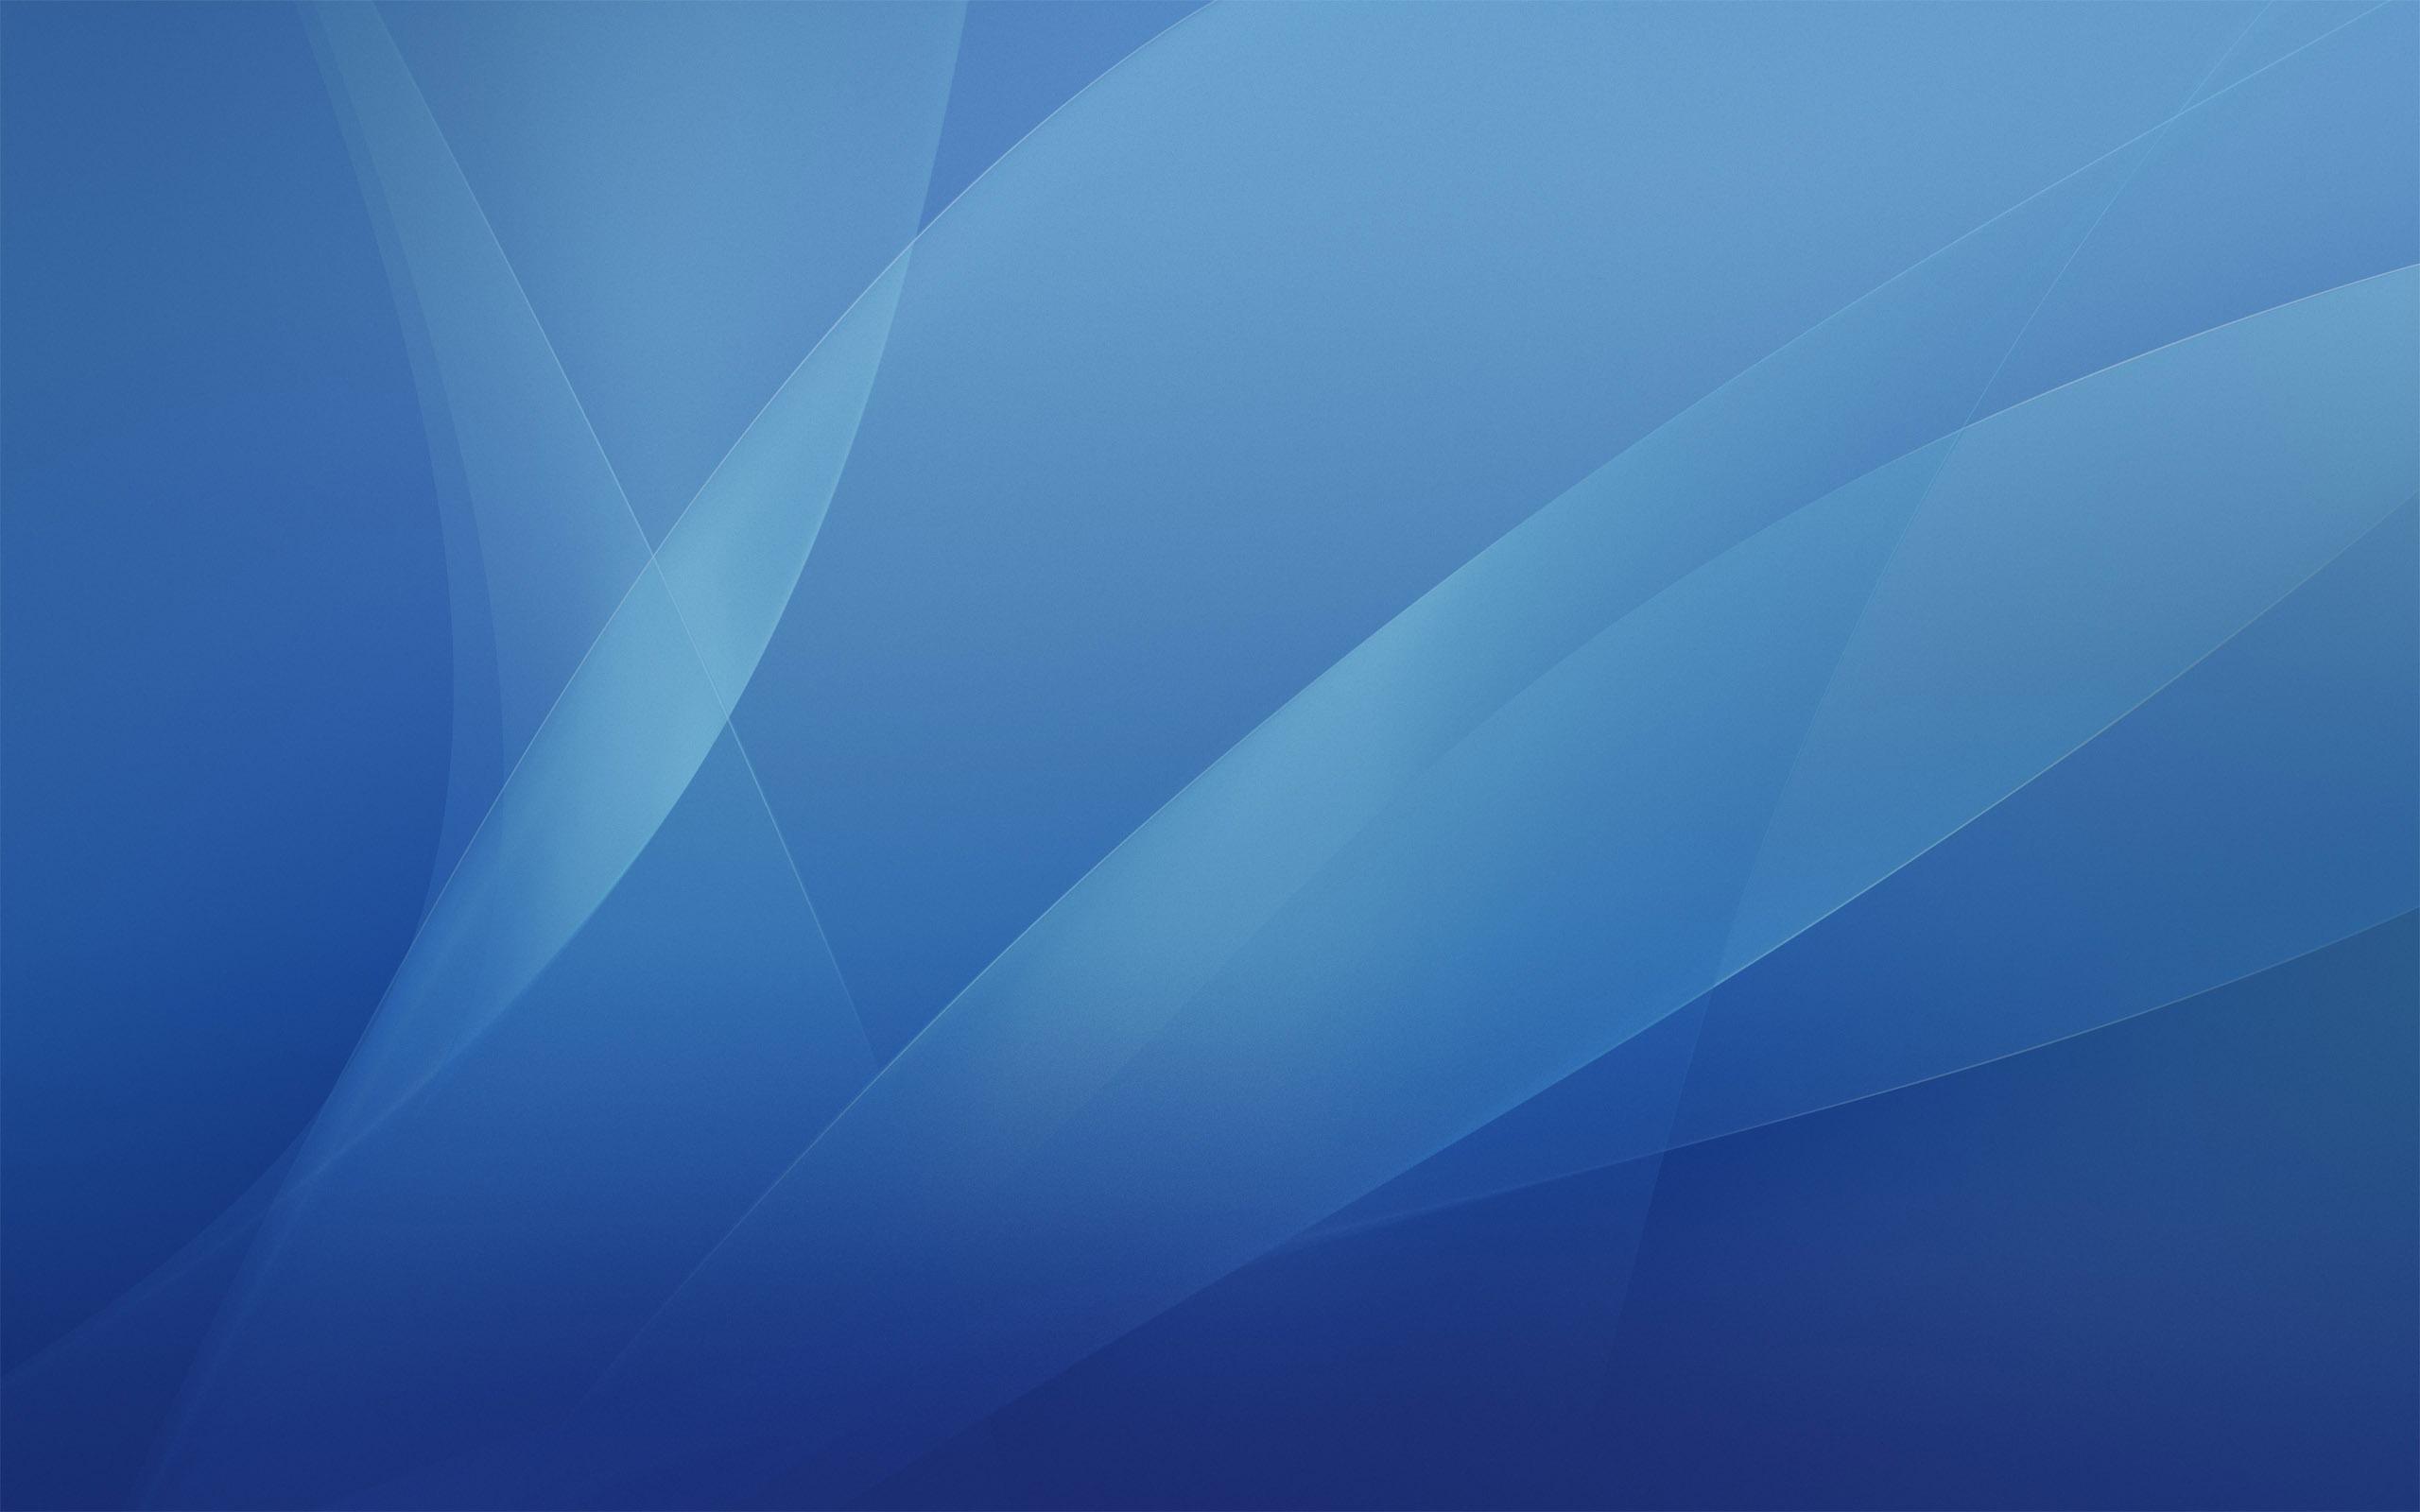 Mac Os Xのシステムのhd壁紙 2 9 2560x1600 壁紙ダウンロード Mac Os Xのシステムのhd壁紙 2 システム 壁紙 V3の壁紙